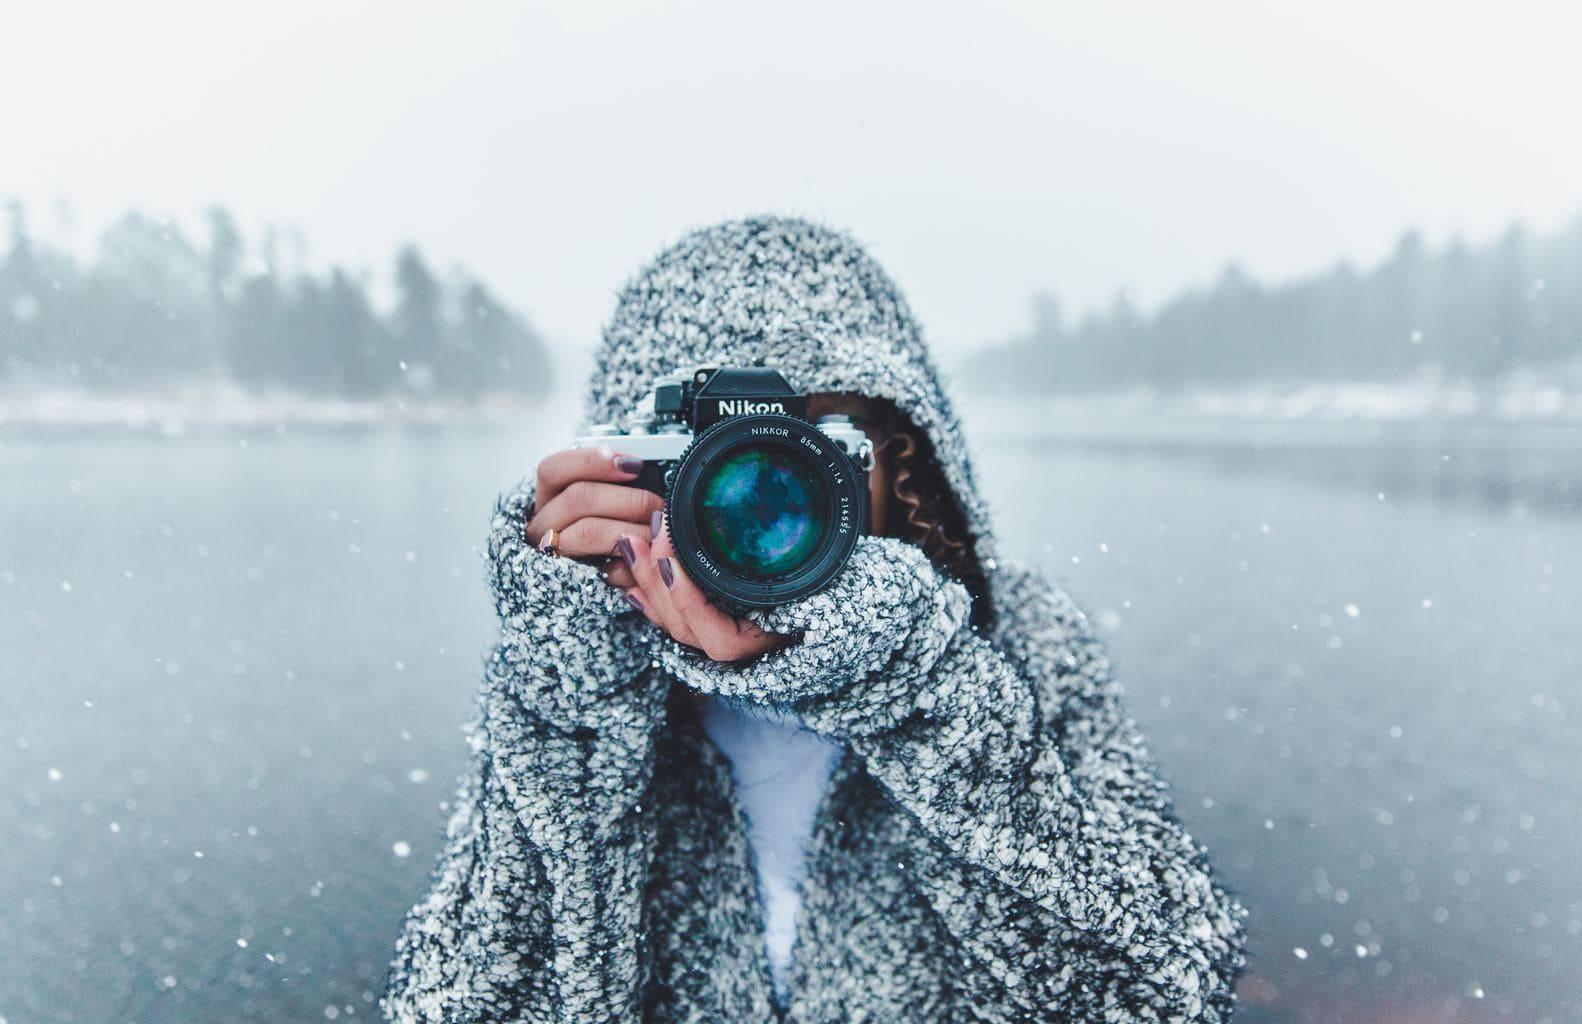 retrato de una mujer con cámara en un paisaje de nieve